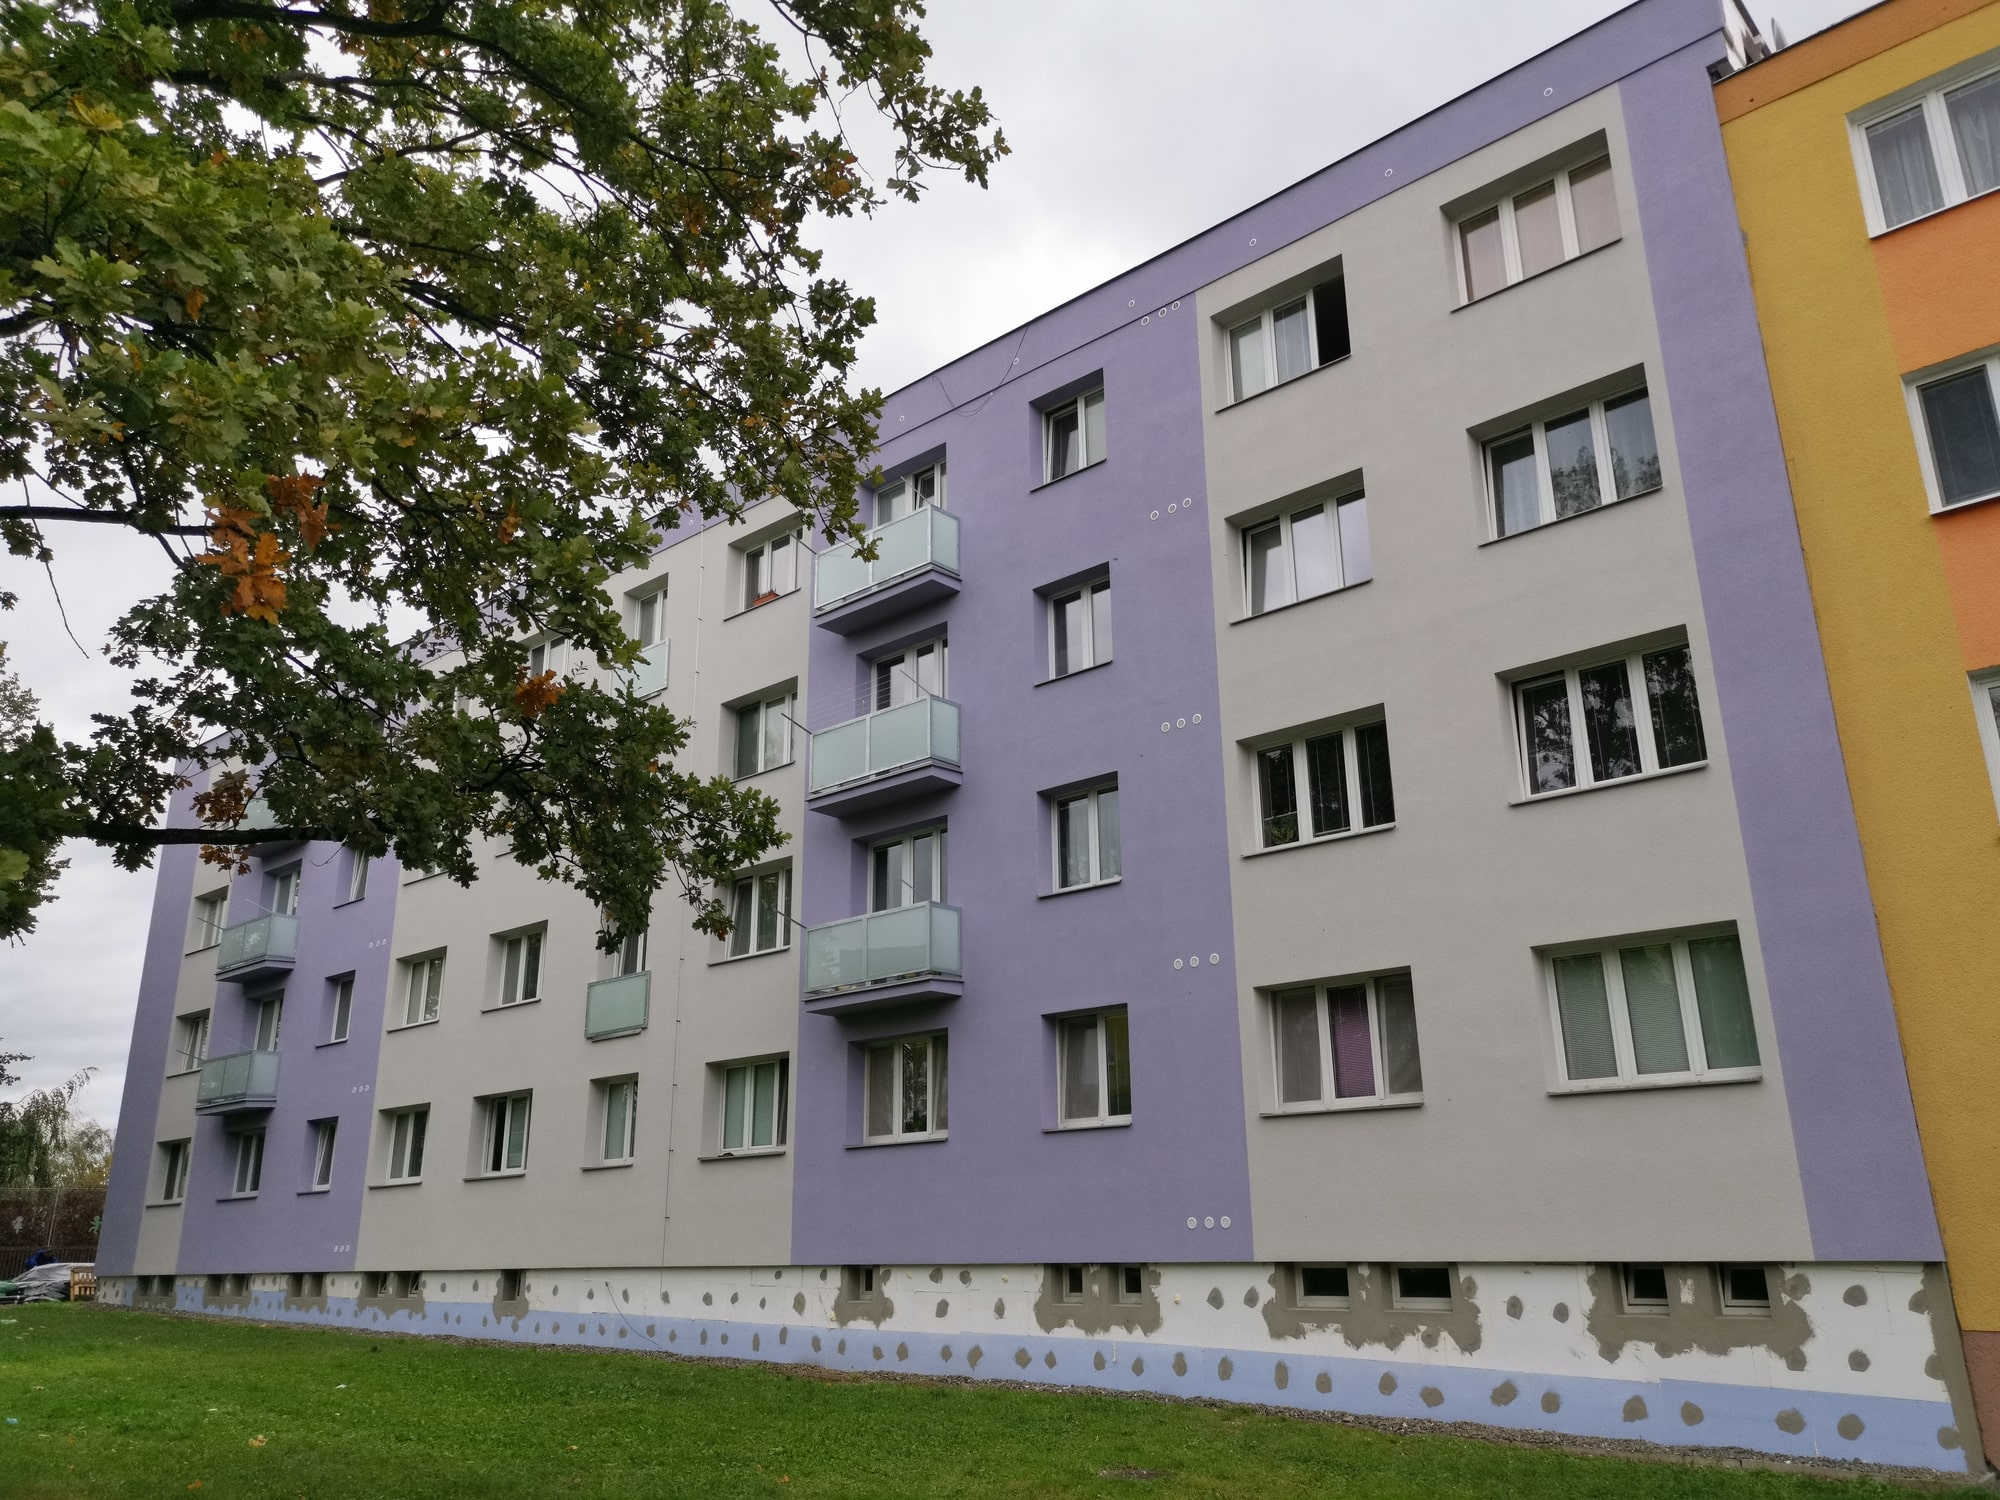 Ukázka provedených opatření pro bytový dům v Moravské Třebové firmou HNK revital s.r.o. Vyřízení projektové dokumentace vč. stavebního povolení, realizace domovní kotelny, zateplení ploché střechy, zateplení obálky budovy, výměna oken na schodišti, oprava balkónů.